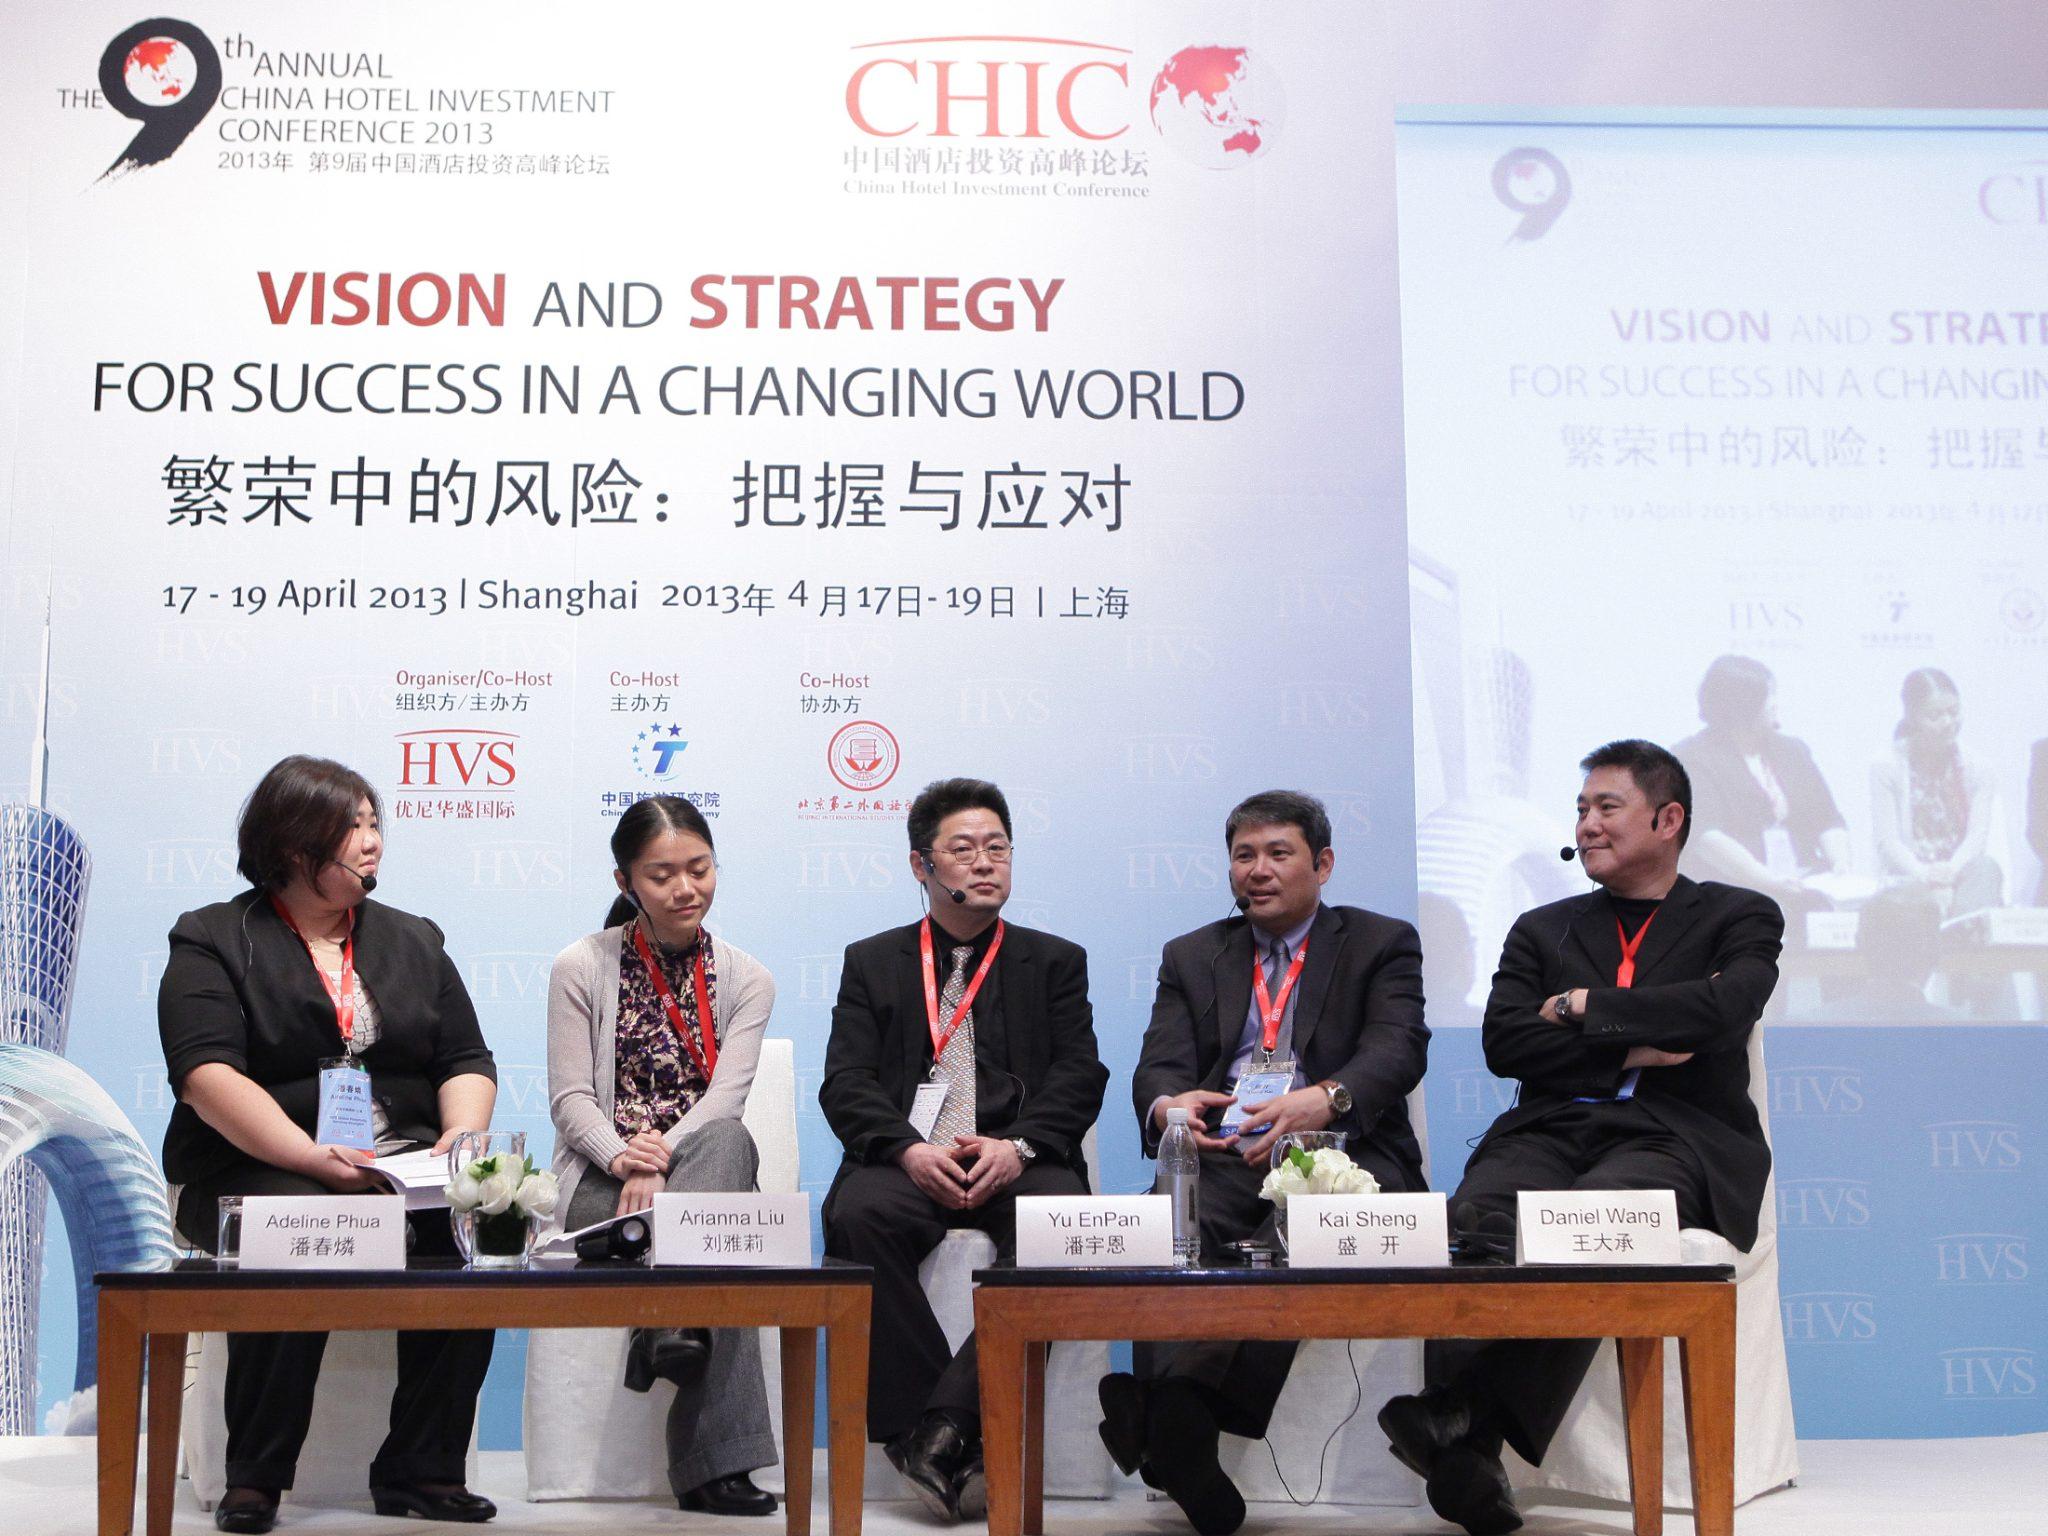 Kai Sheng, CEO/Managing Principal, invited panelist, at CHIC 2013